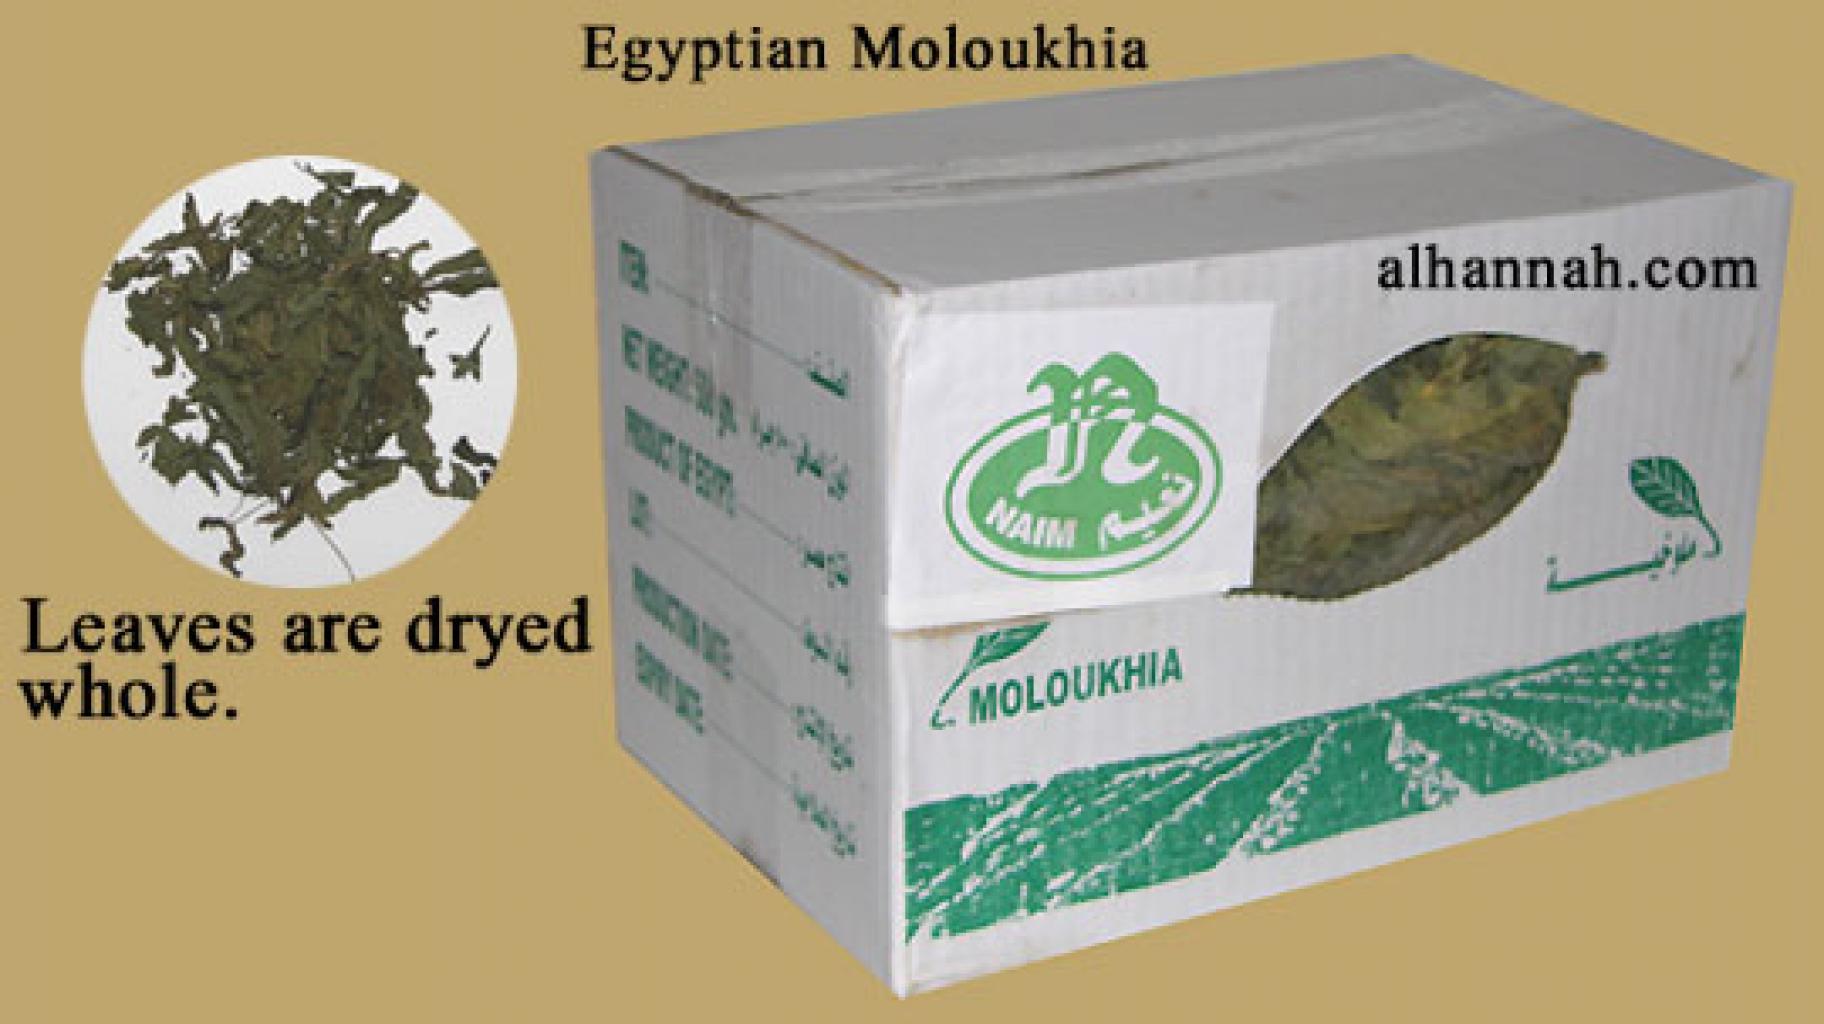 Egyptian Moloukhia in231